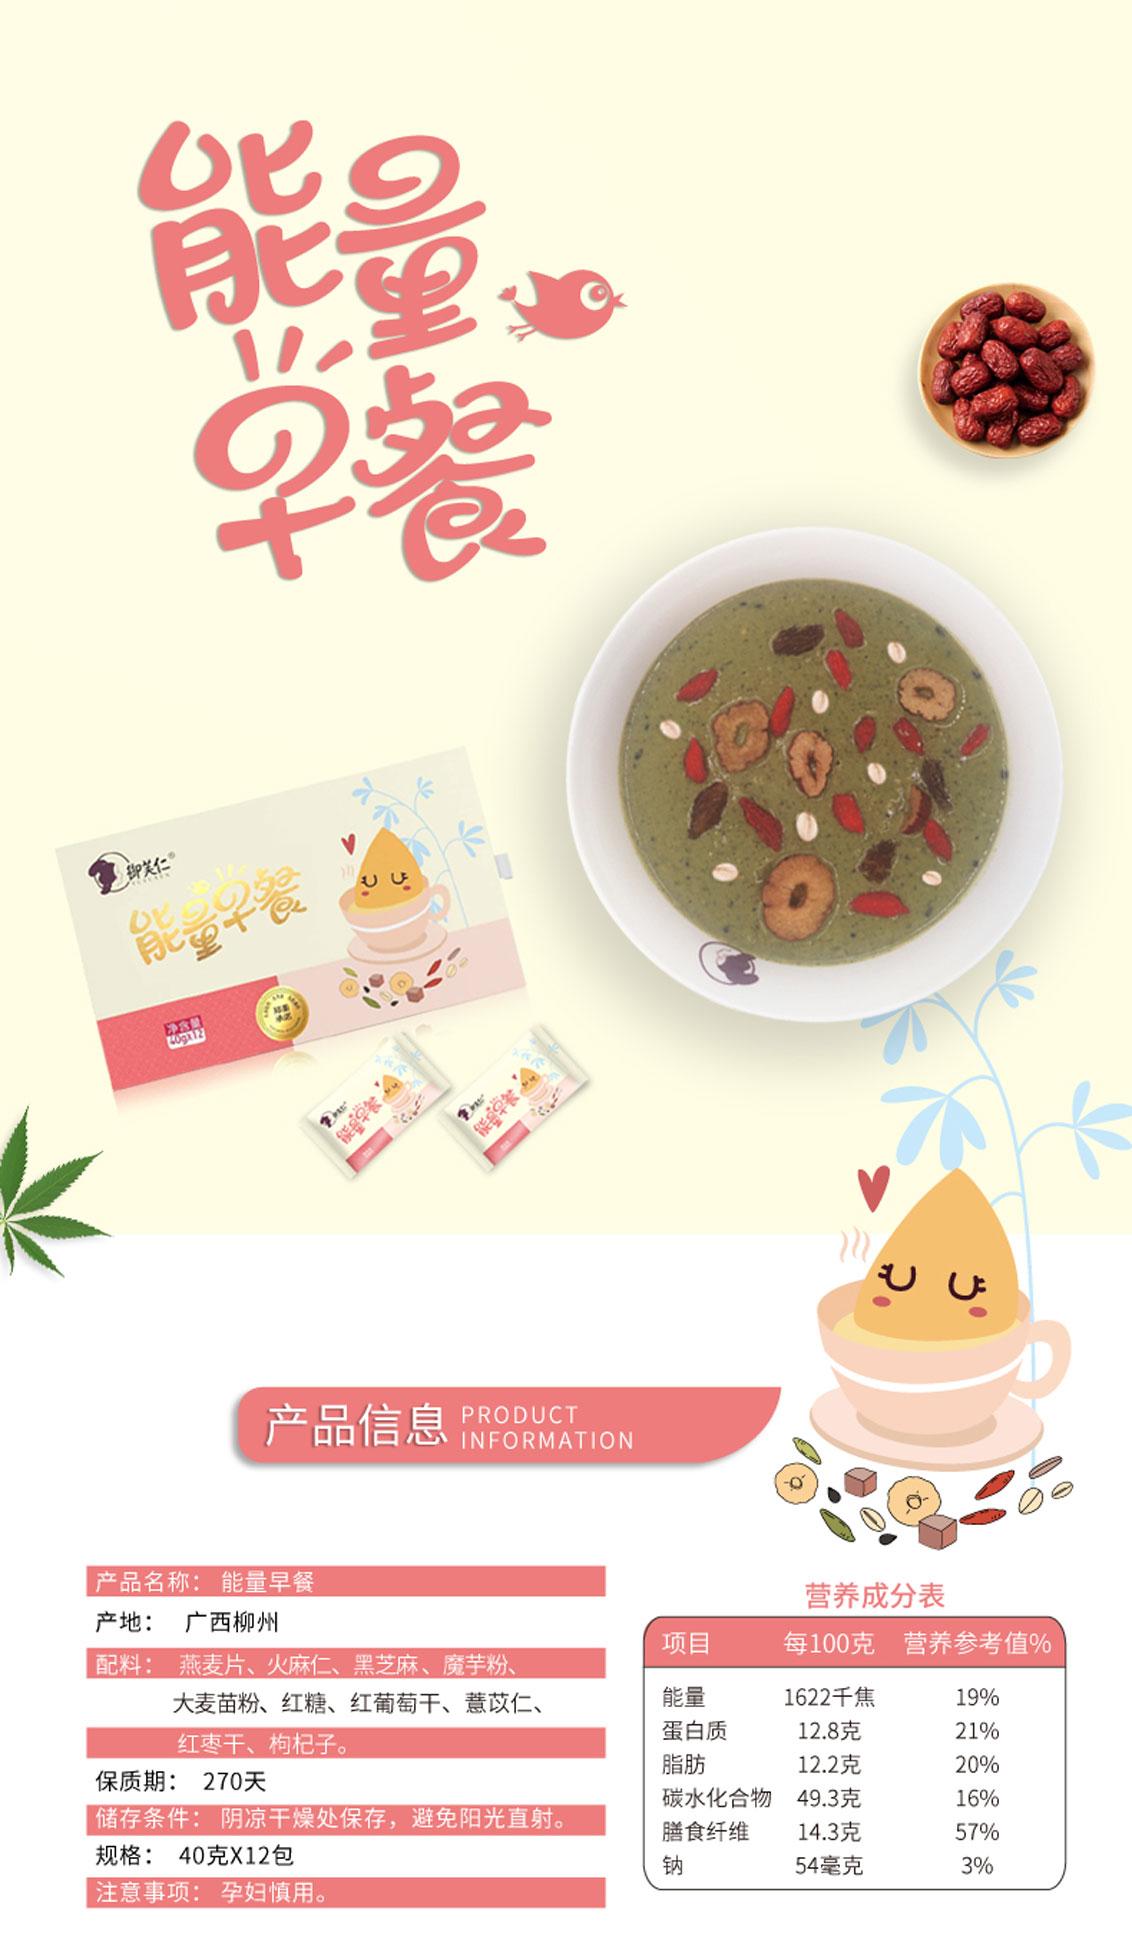 能量早餐精装盒-粉色-详情页-C_01